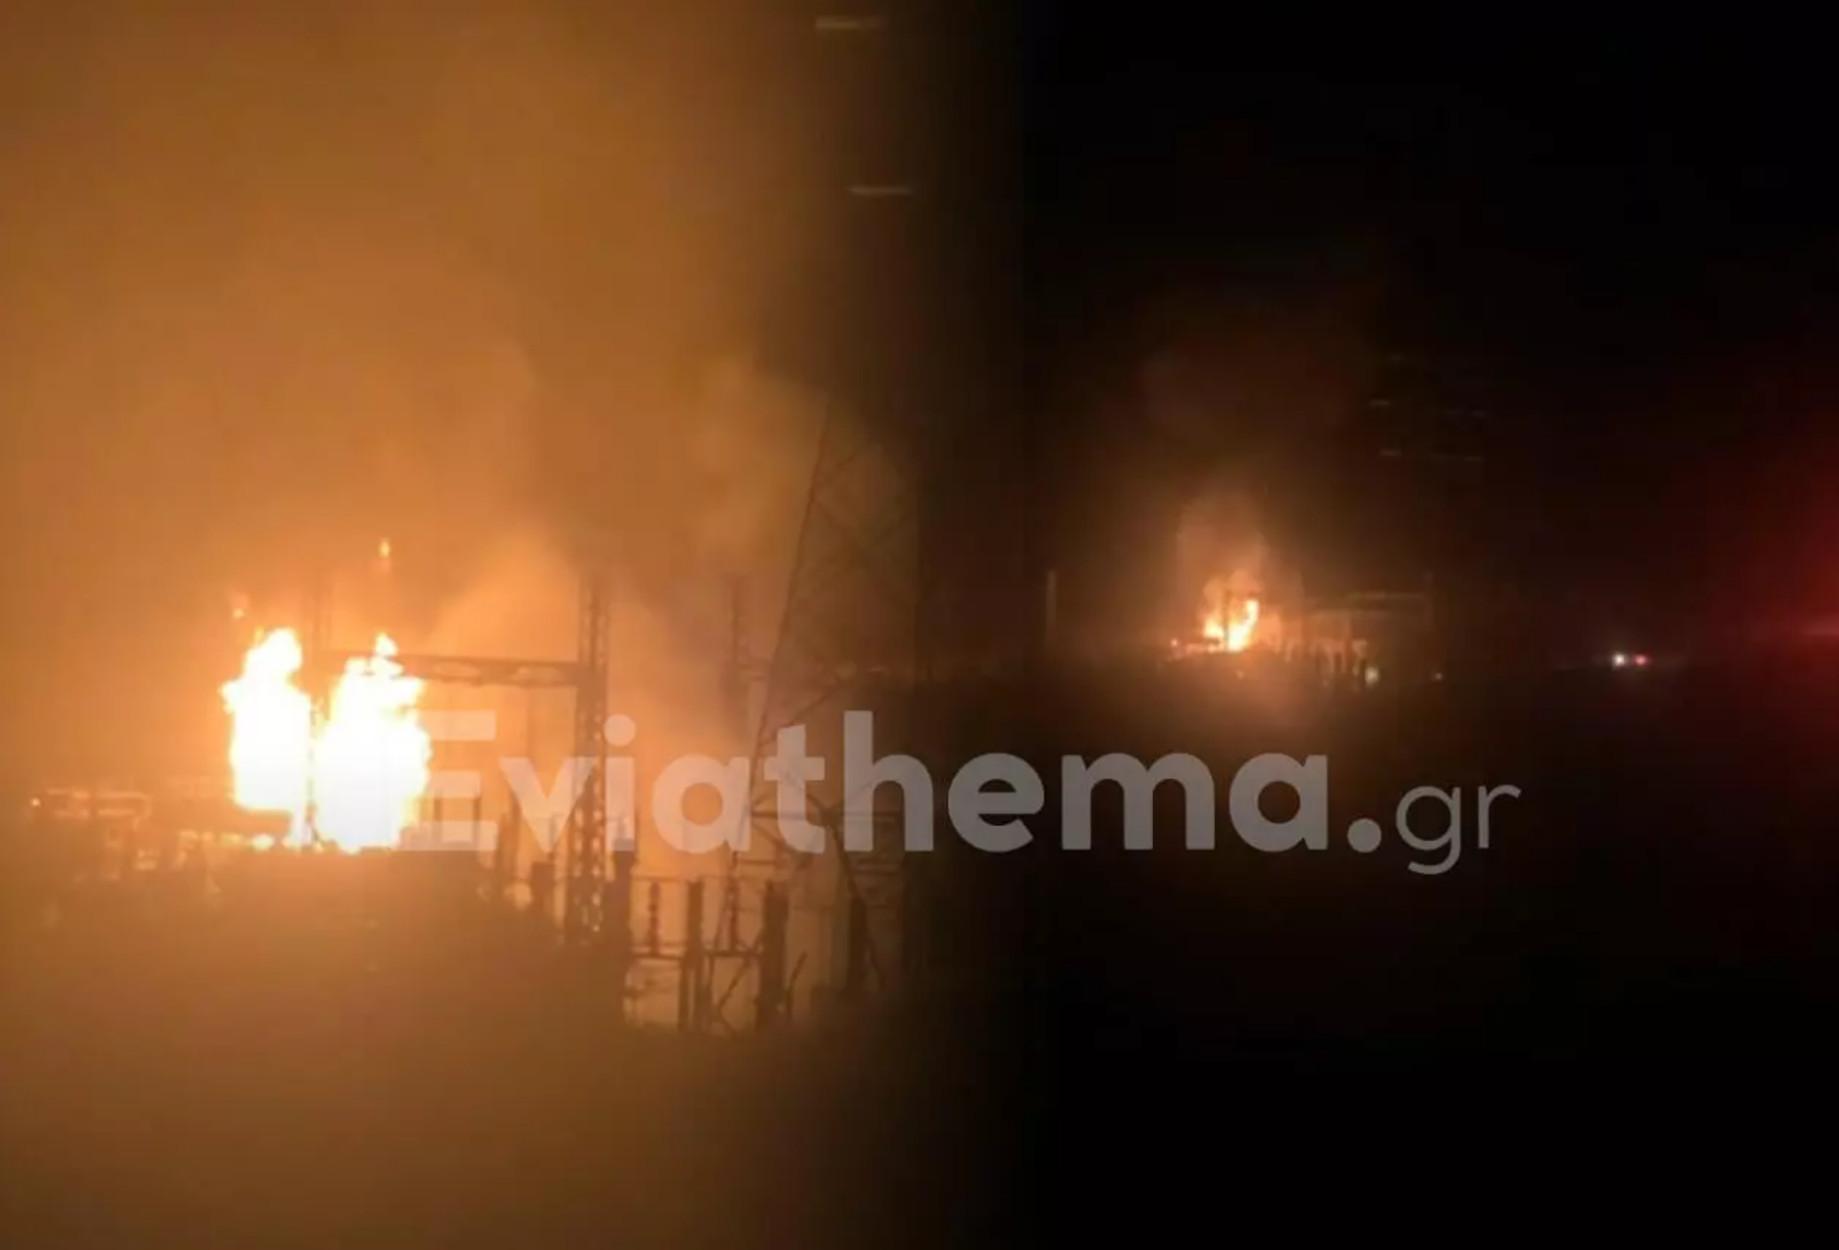 Εύβοια: Φωτιά στον υποσταθμό της ΔΕΗ στον Αργυρό – Χωριά έμειναν χωρίς ρεύμα